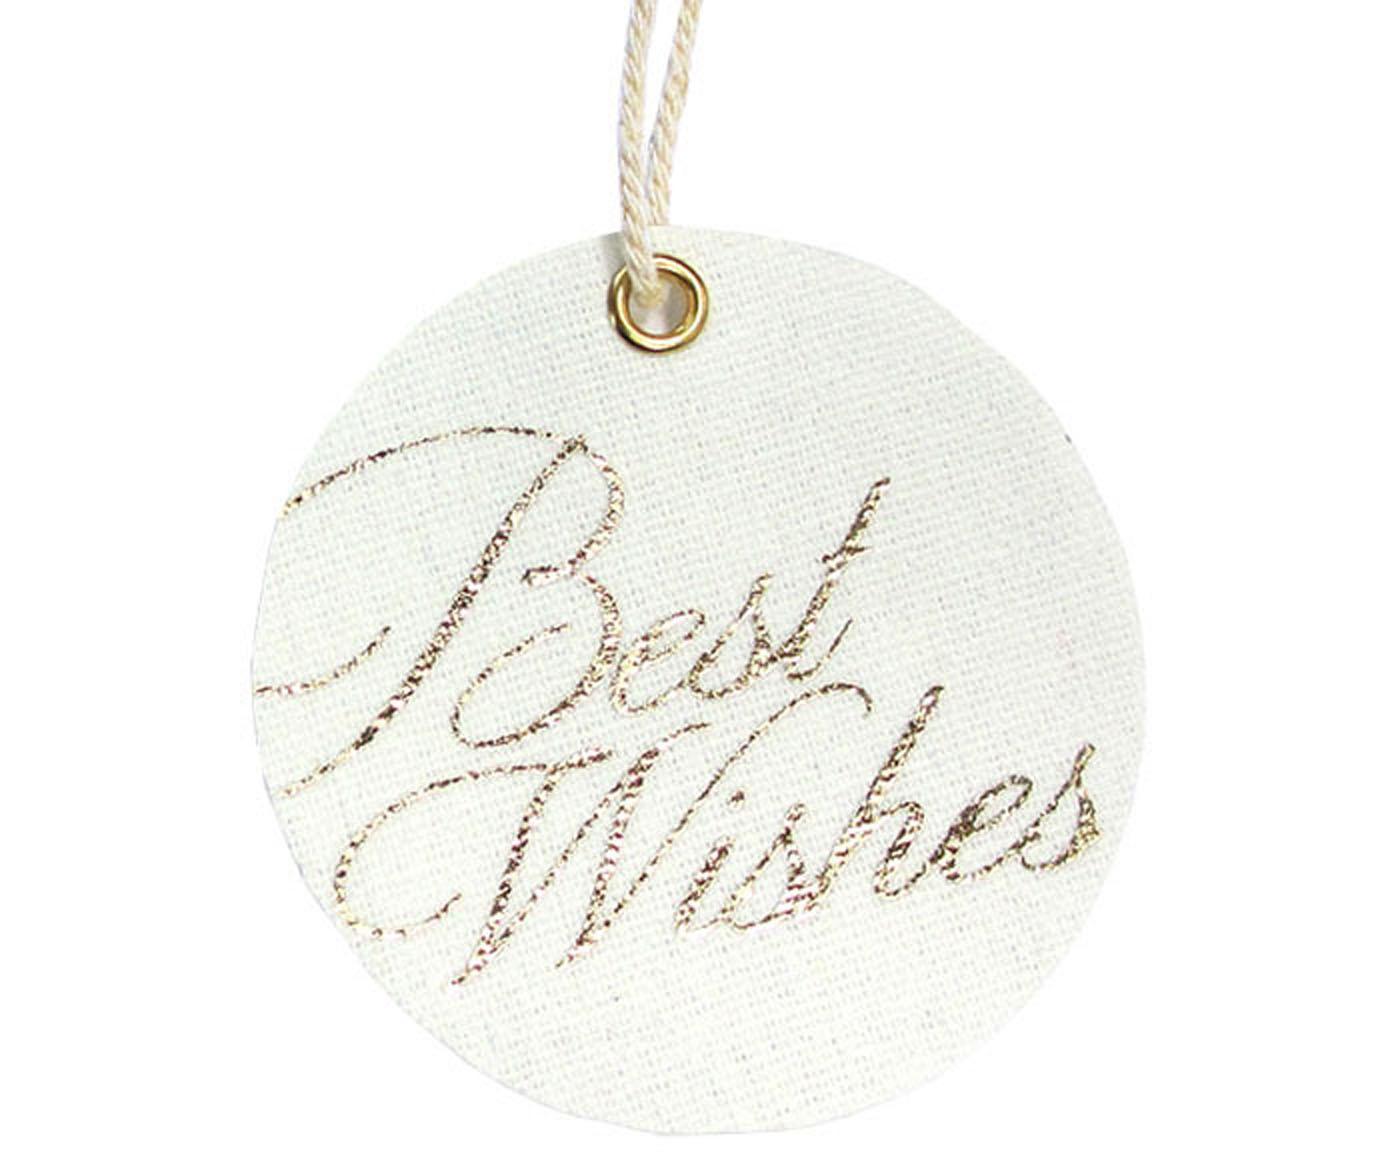 Geschenkanhänger-Set Best Wishes, 6 Stück, 60% Baumwolle, 40% Polyester, Weiss, Goldfarben, Ø 6 x H 6 cm